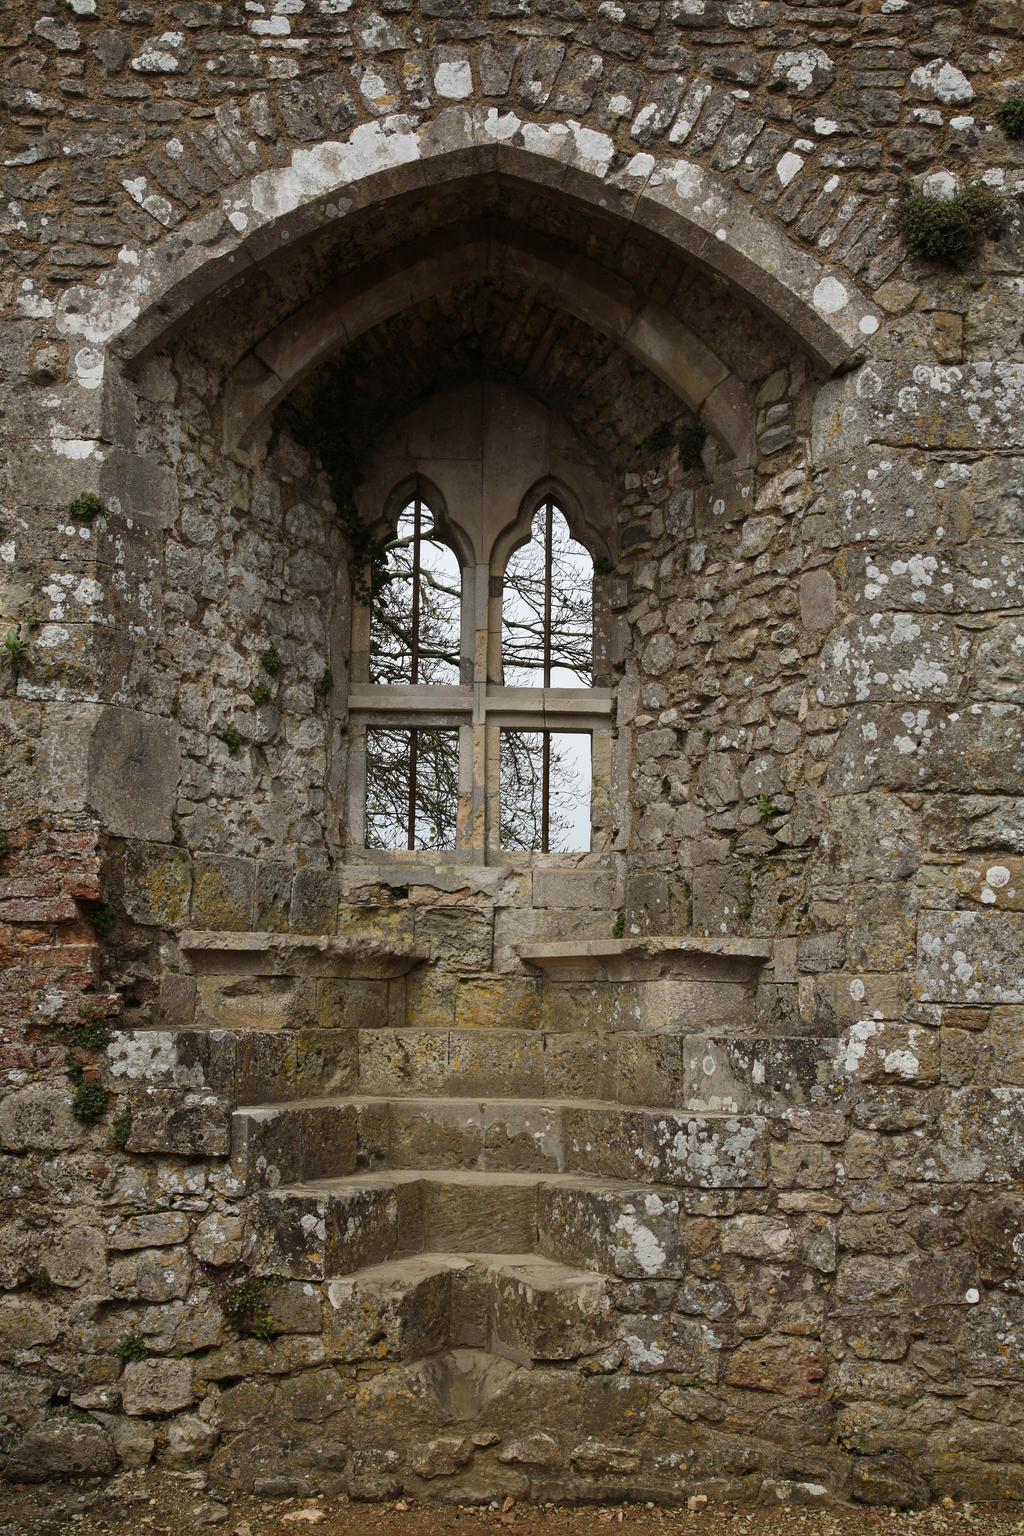 Castle window - by NickiStock